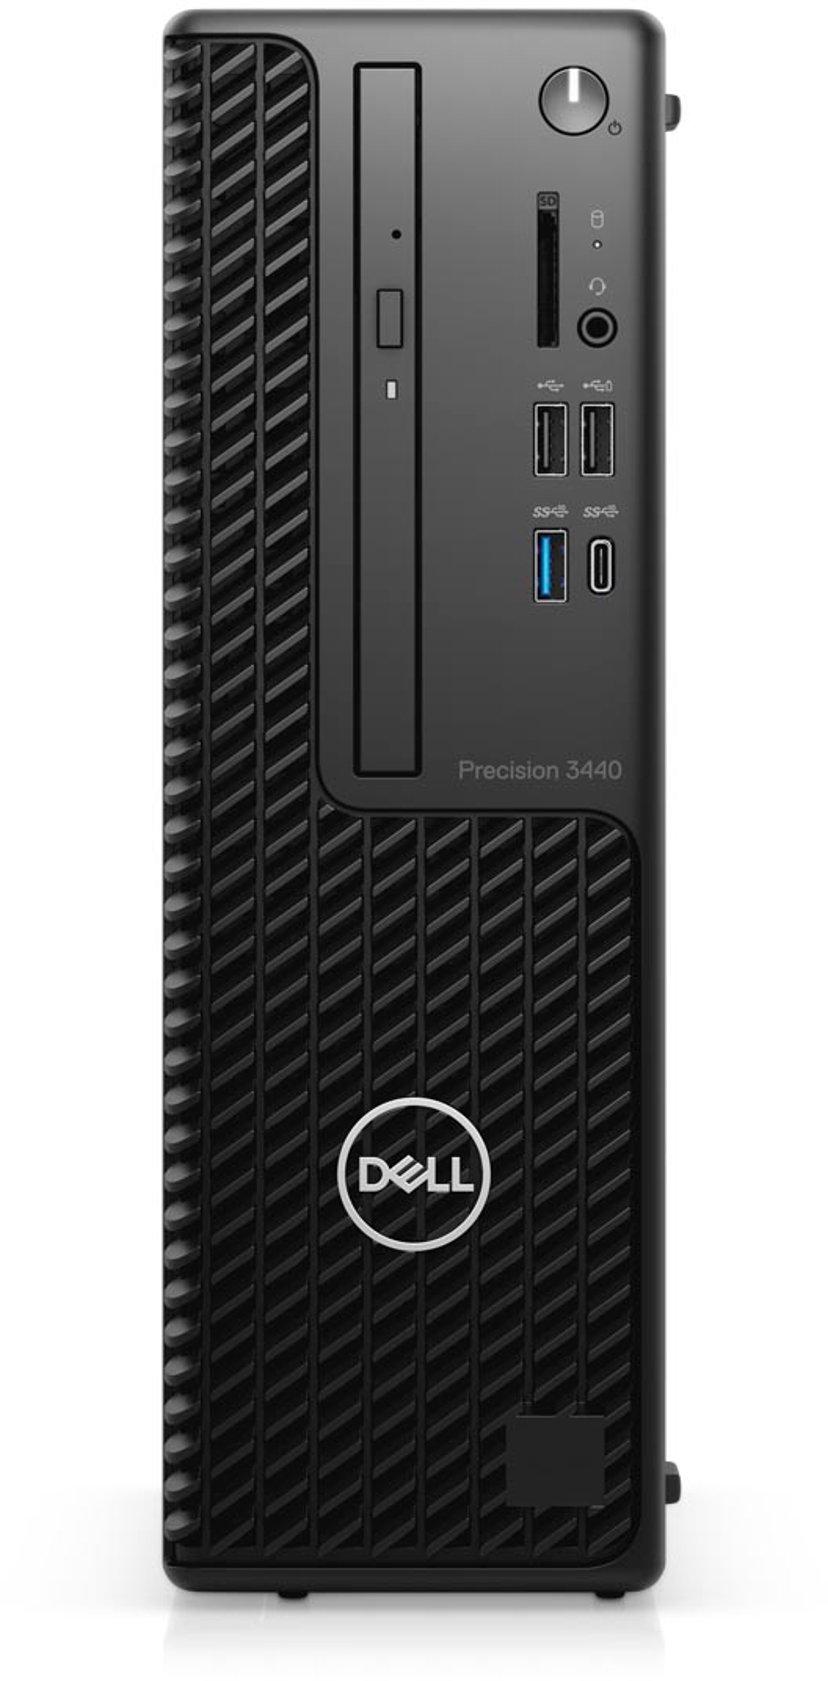 Dell Precision 3440 SFF Core i5 8GB 256GB SSD